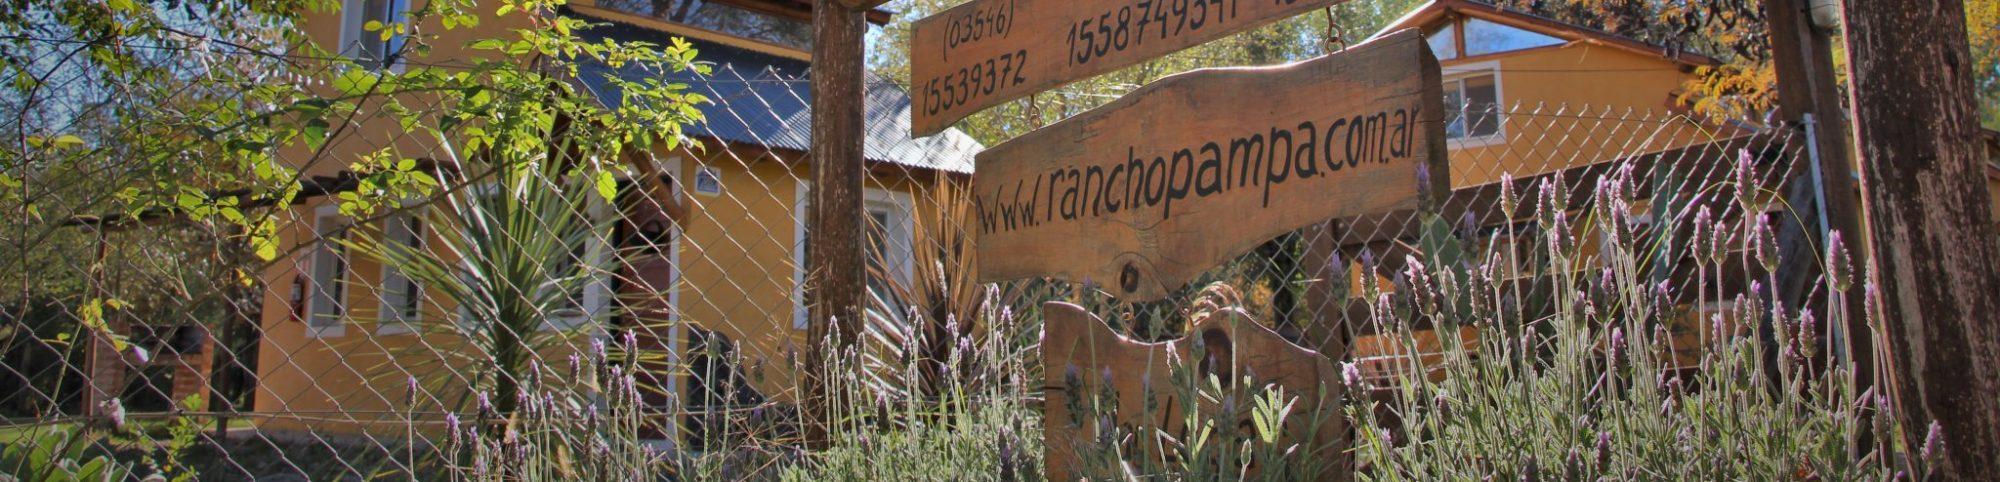 Rancho Pampa